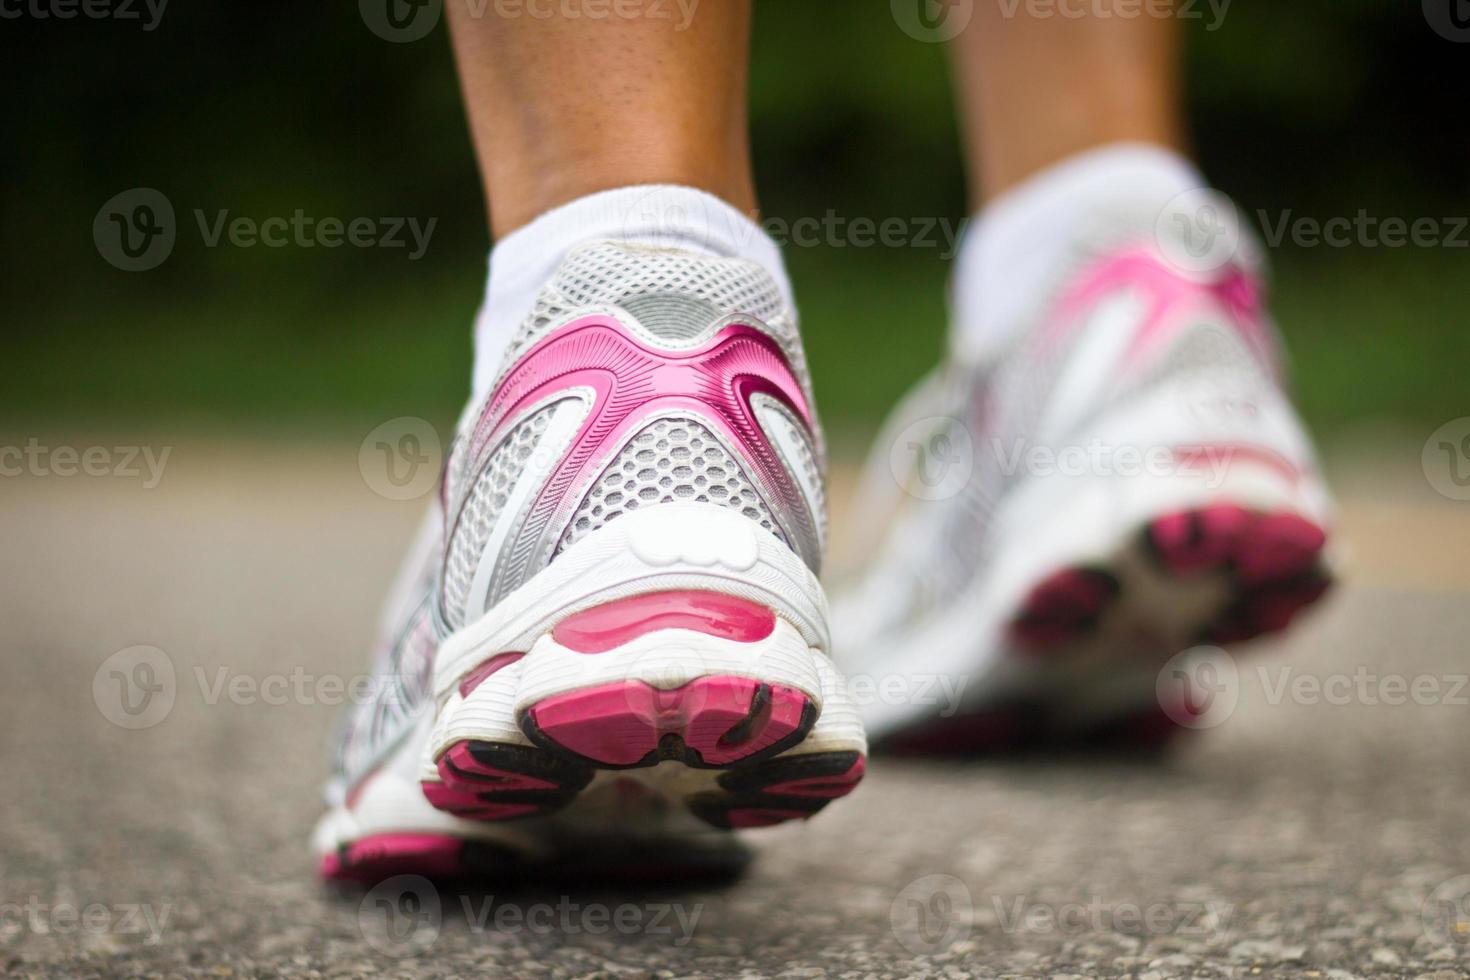 zapatillas cerca de una mujer corredor. foto